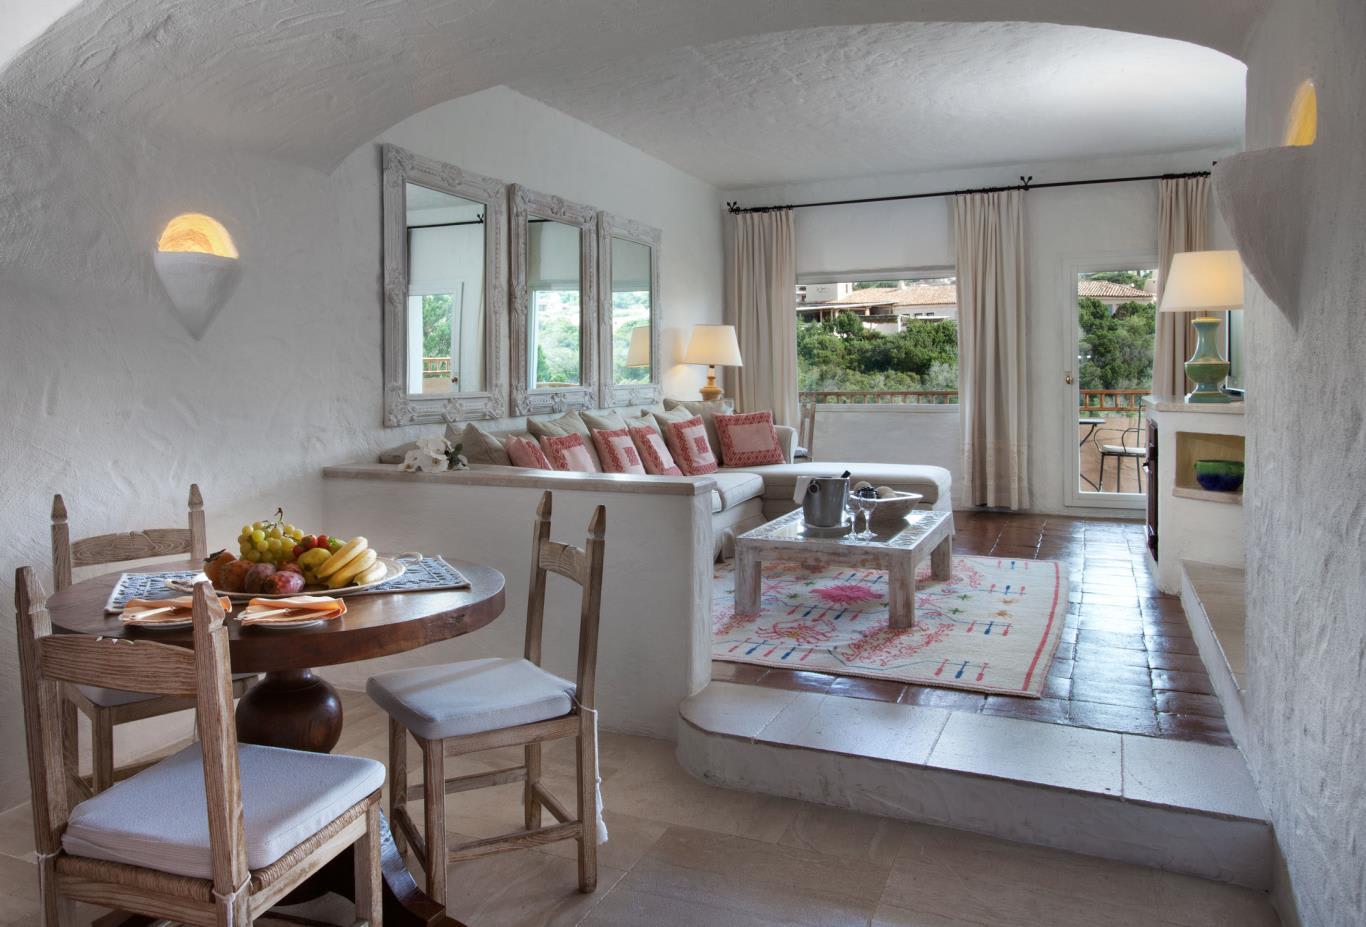 Deluxe-Suite-Living-Room